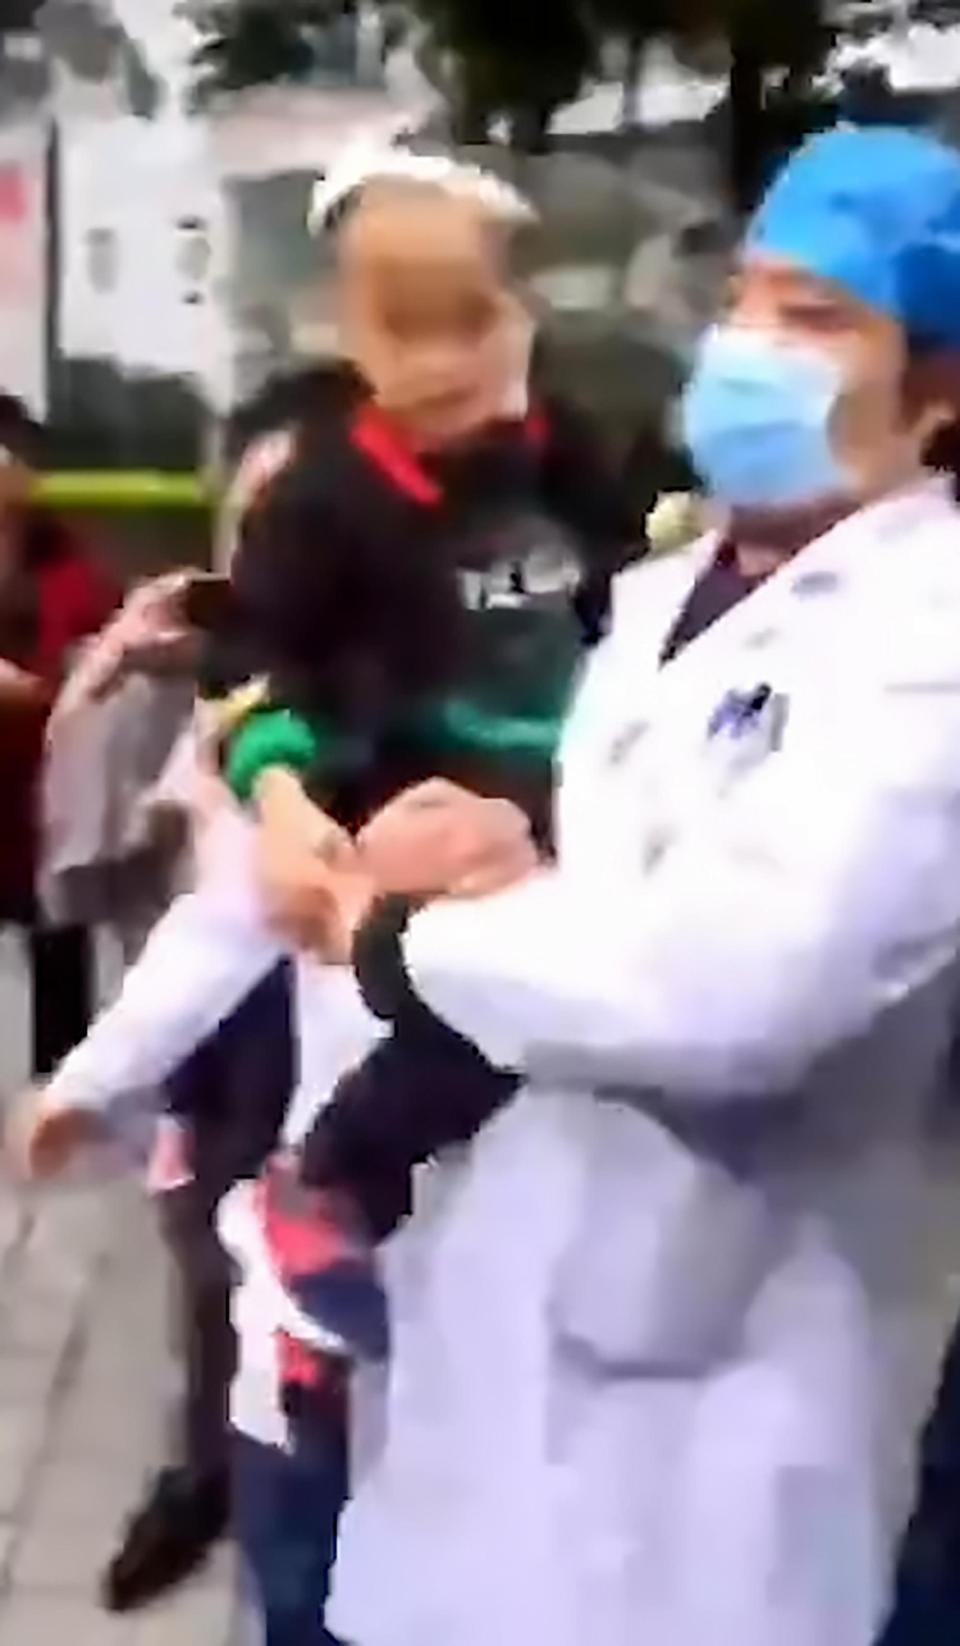 Trung Quốc: Người phụ nữ loạn trí cầm dao chặt thịt tấn công trường mẫu giáo, ít nhất 14 học sinh bị thương-4